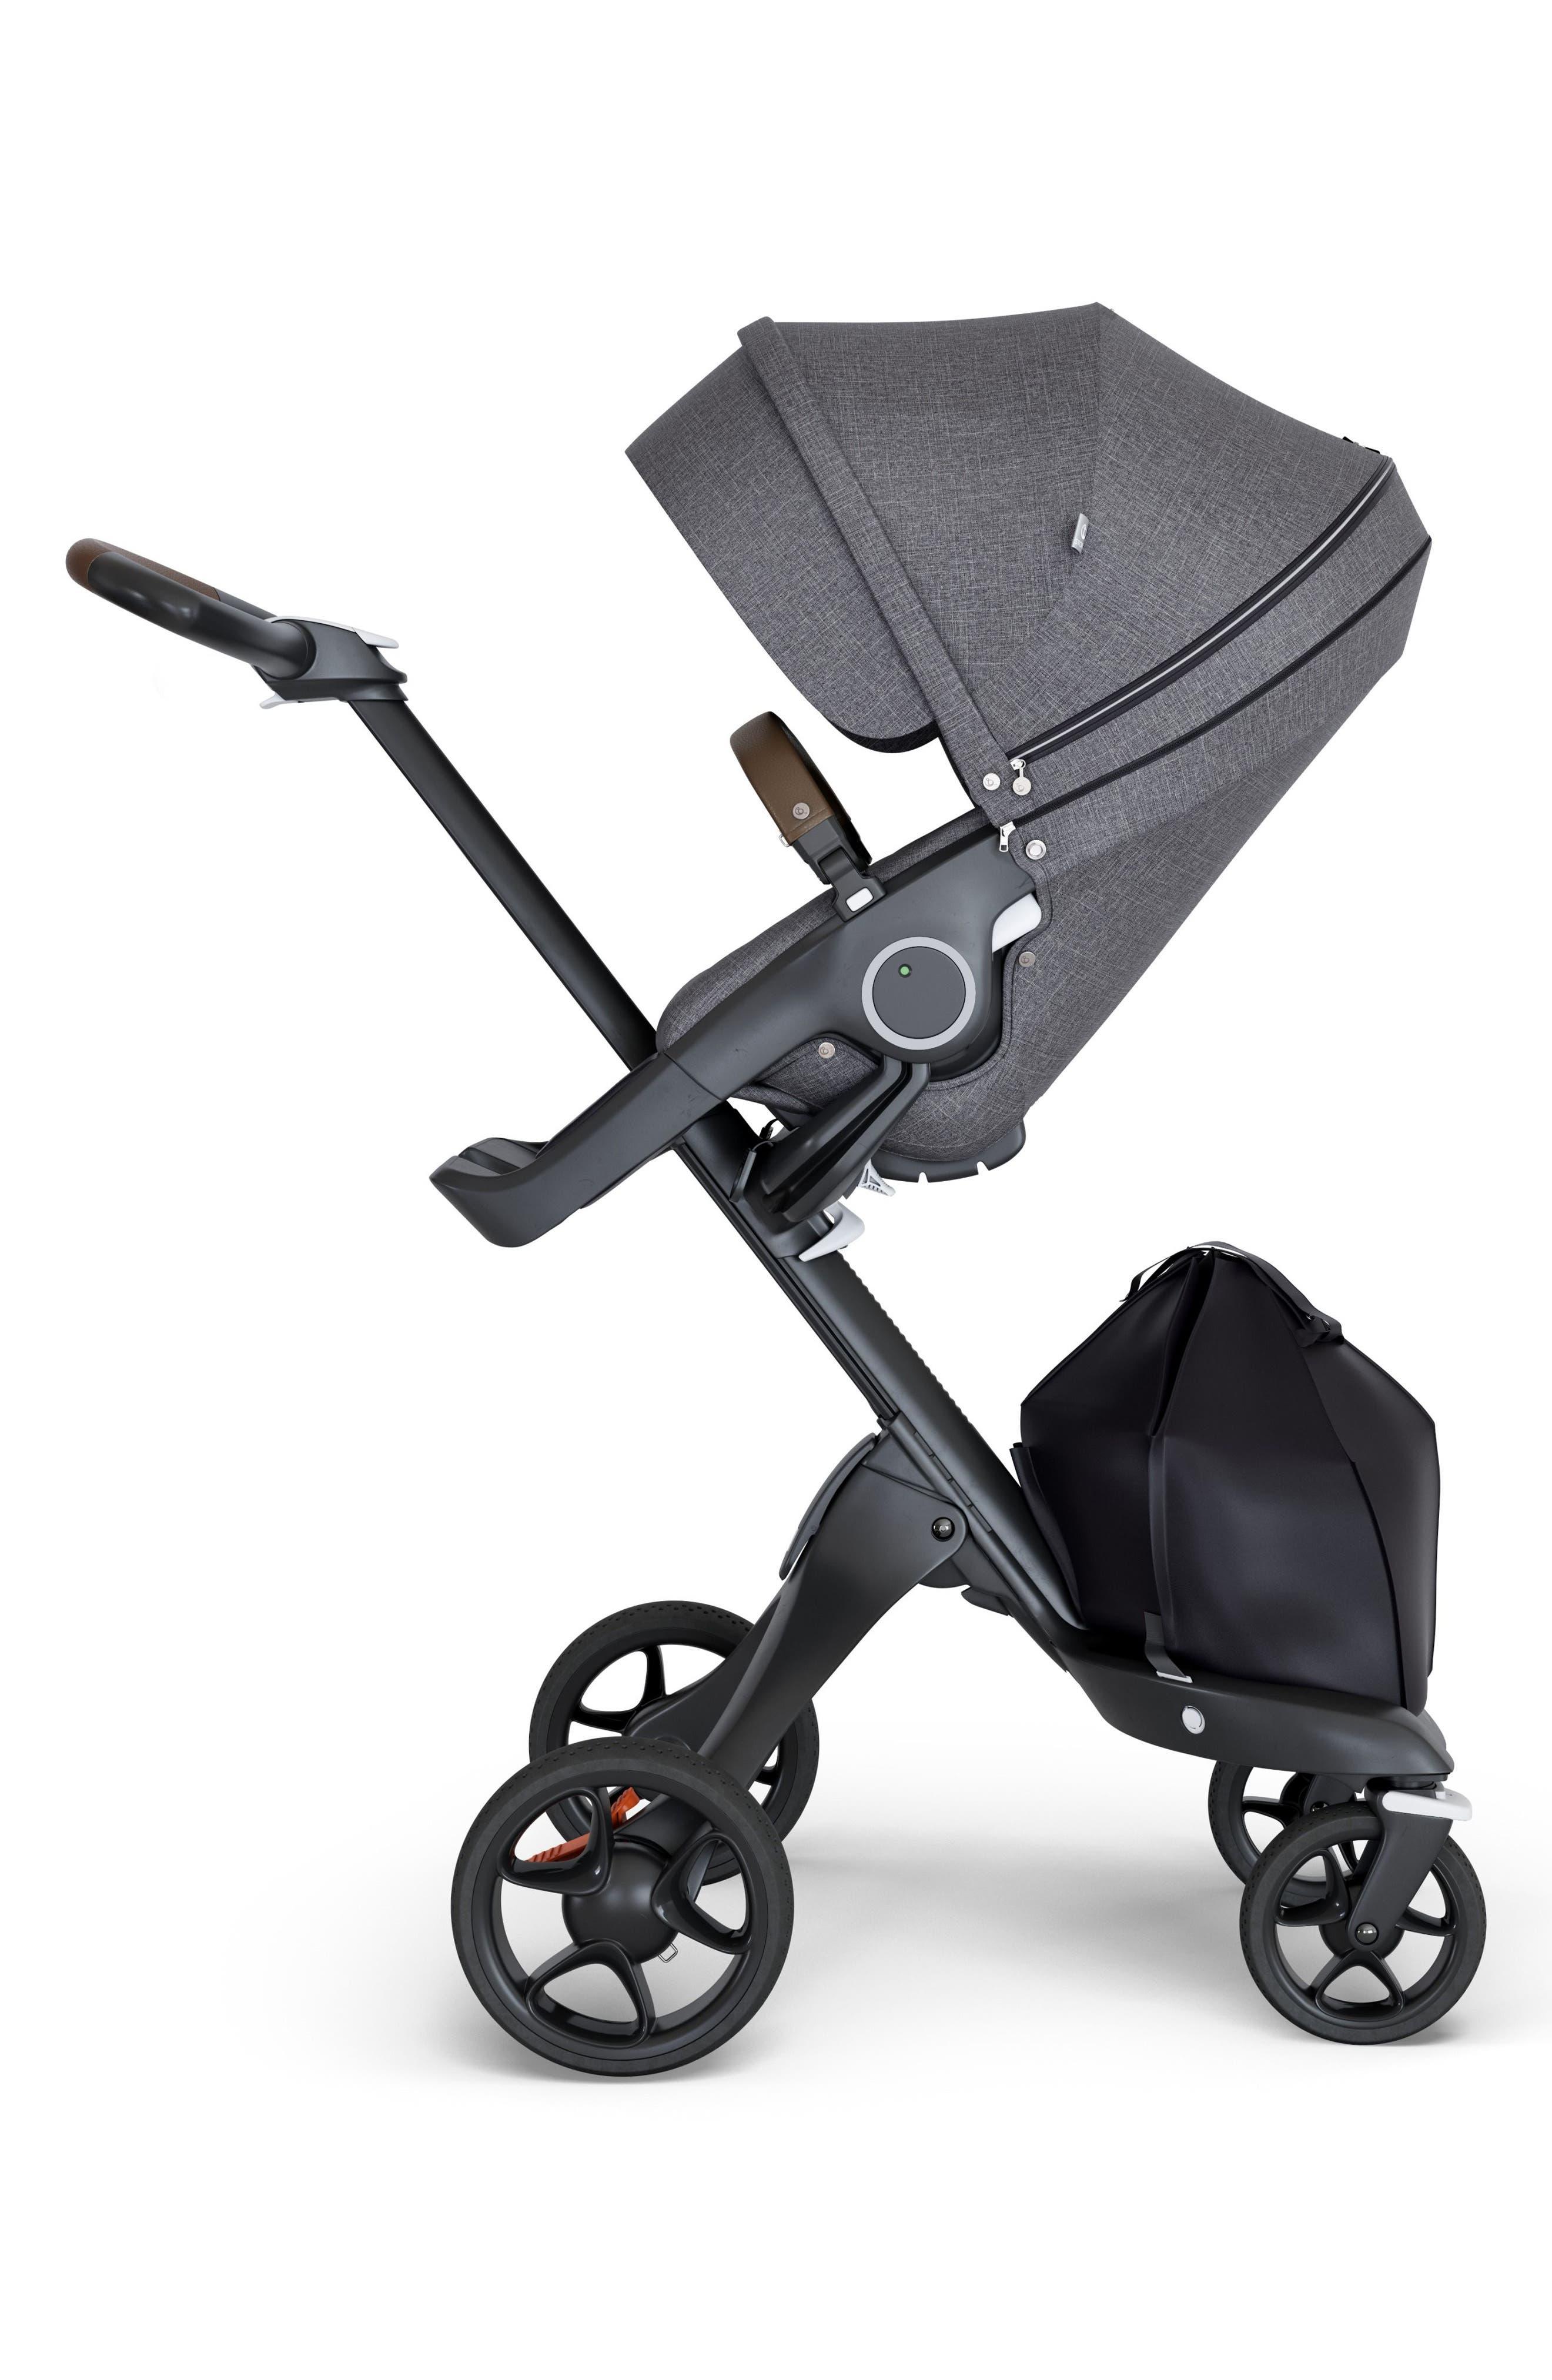 STOKKE Xplory<sup>®</sup> Black Chassis Stroller, Main, color, BLACK MELANGE